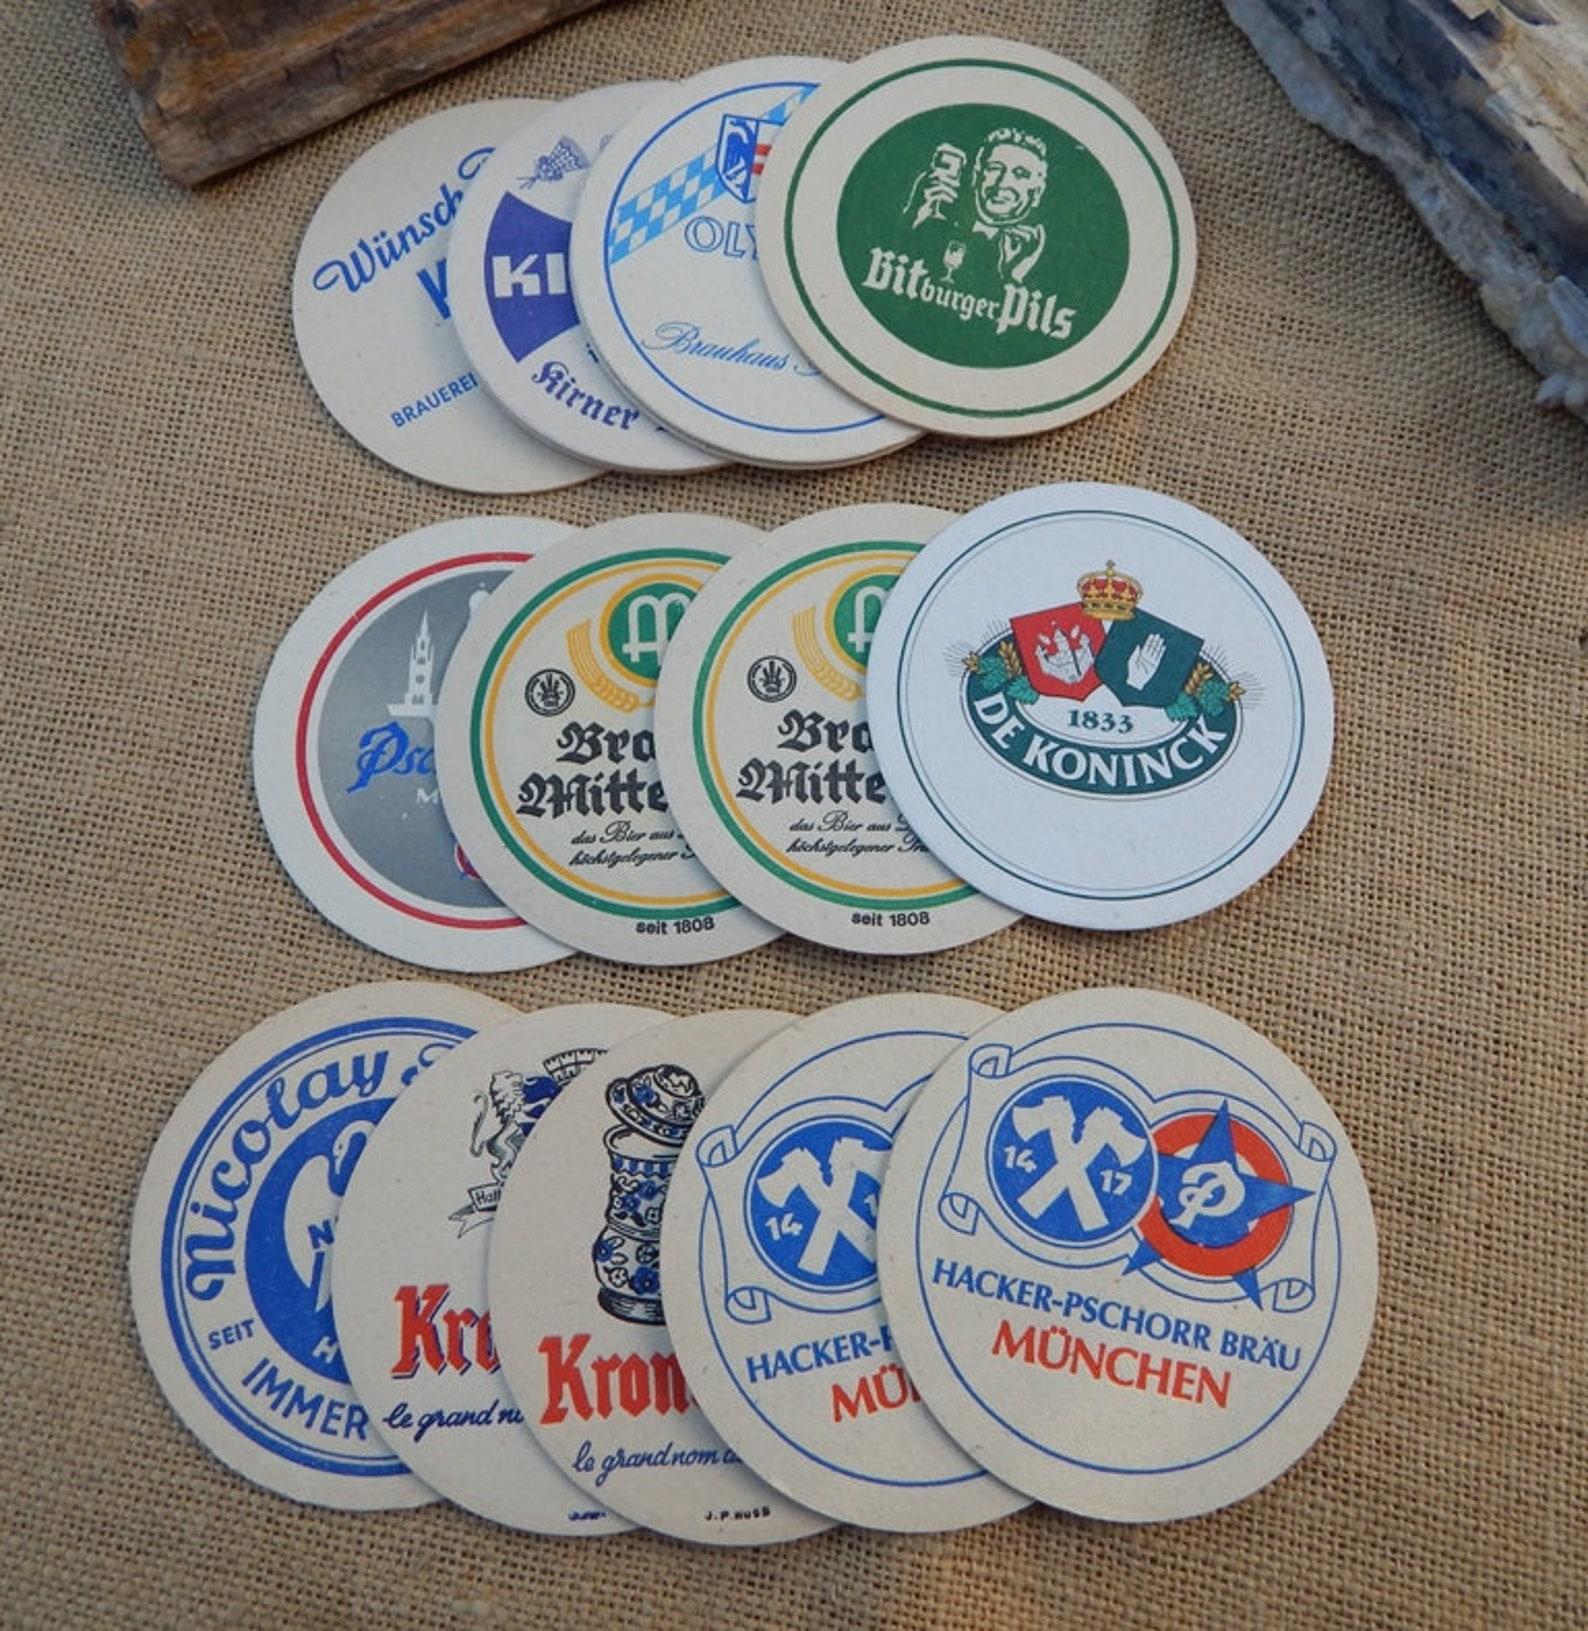 Authentic German Beer Coasters ~ 16 German Beer Coasters ~ Beer Coasters ~ German Beer Coasters ~ FREE SHIPPING